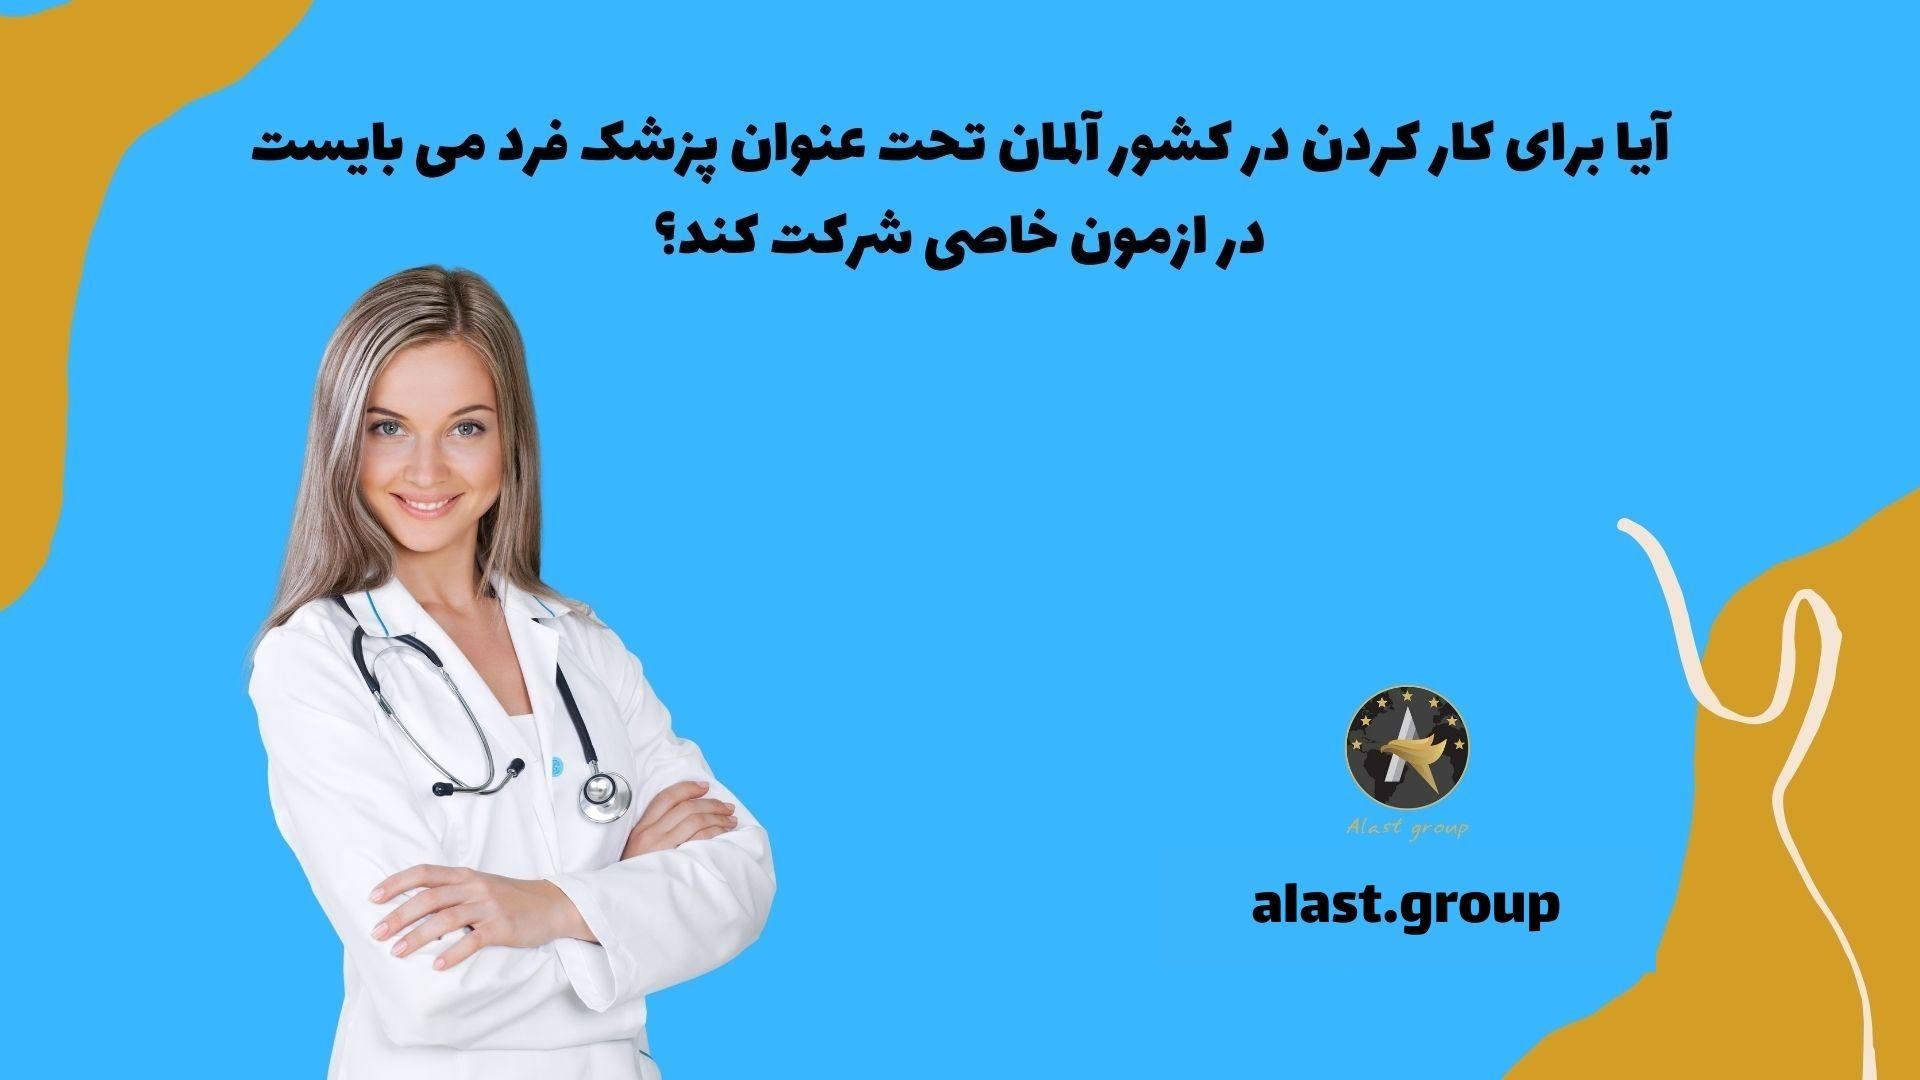 آیا برای کار کردن در کشور آلمان تحت عنوان پزشک، فرد می بایست در آزمون خاصی شرکت کند؟